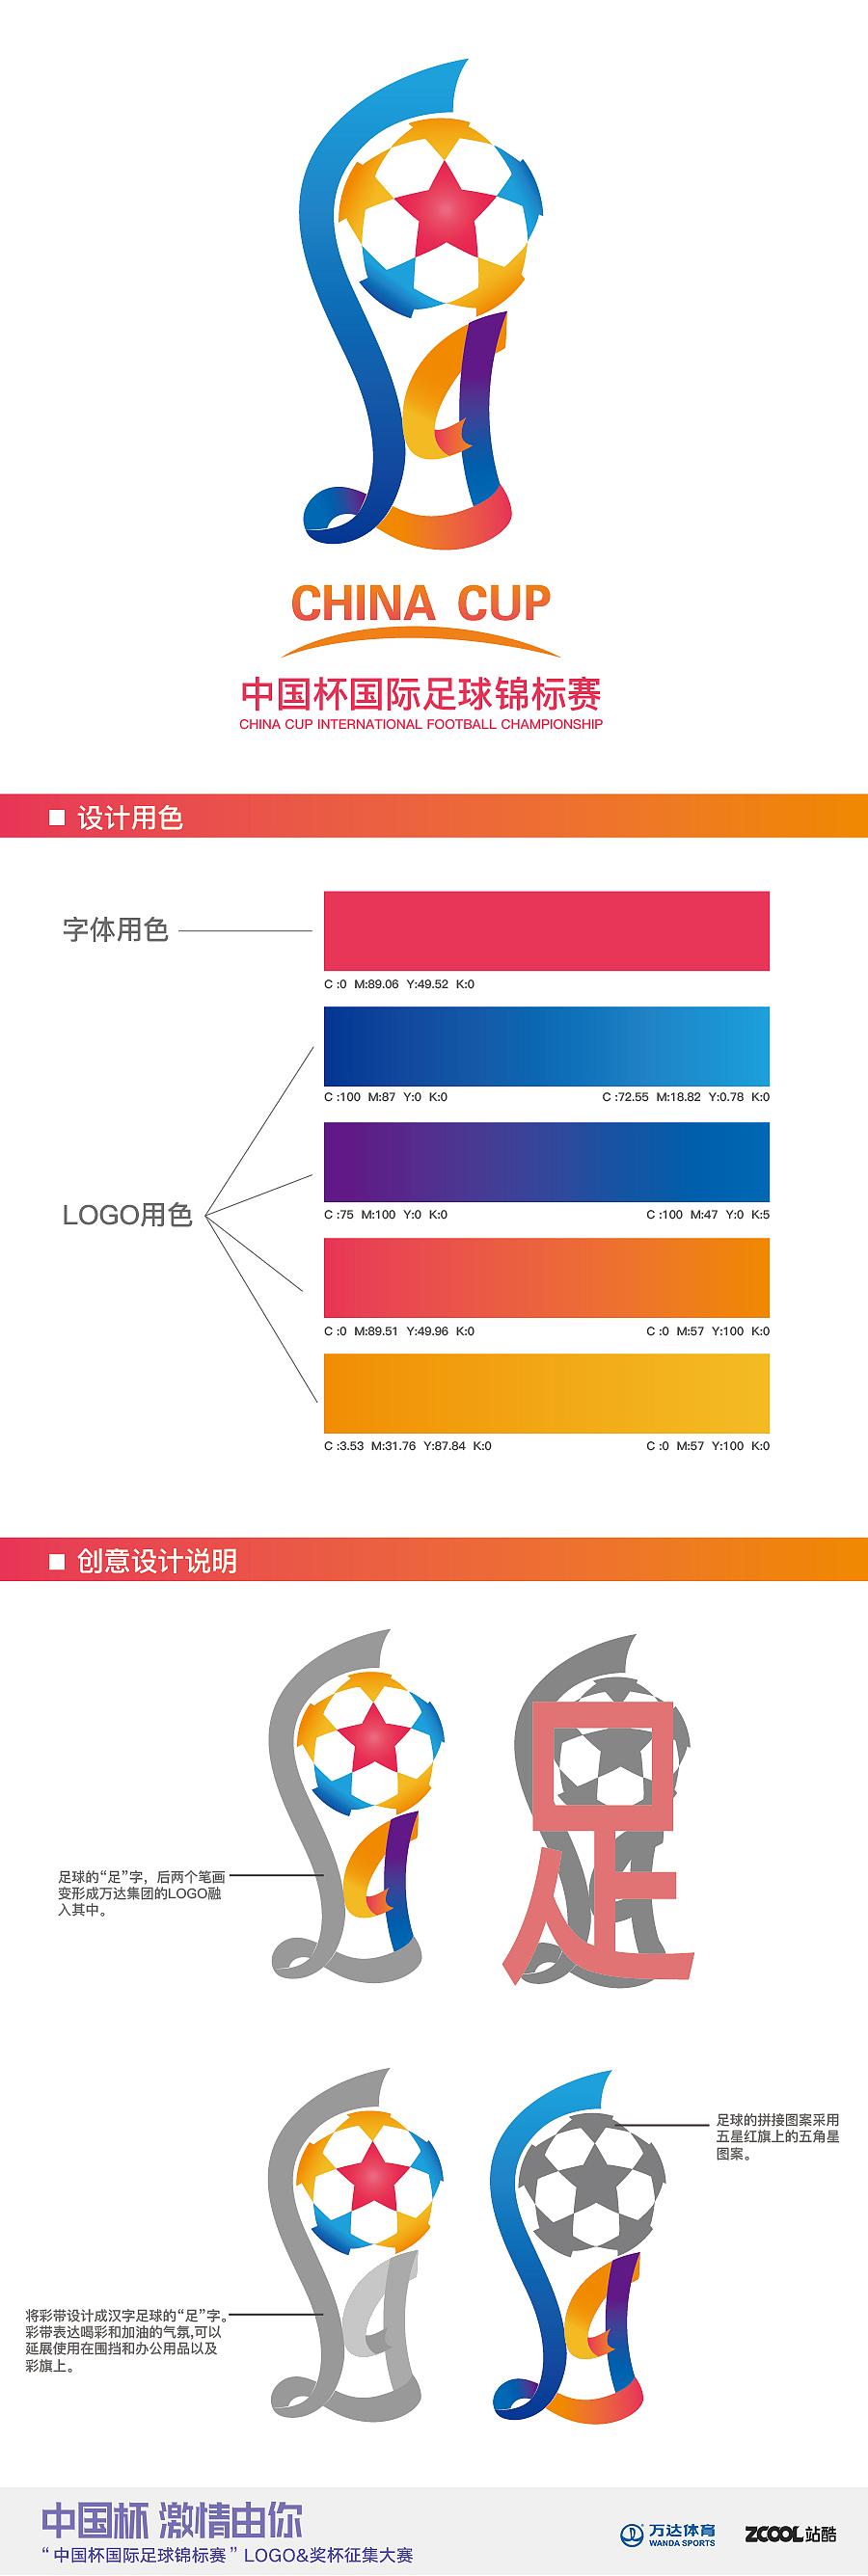 红旗笔画-中国杯足球锦标赛